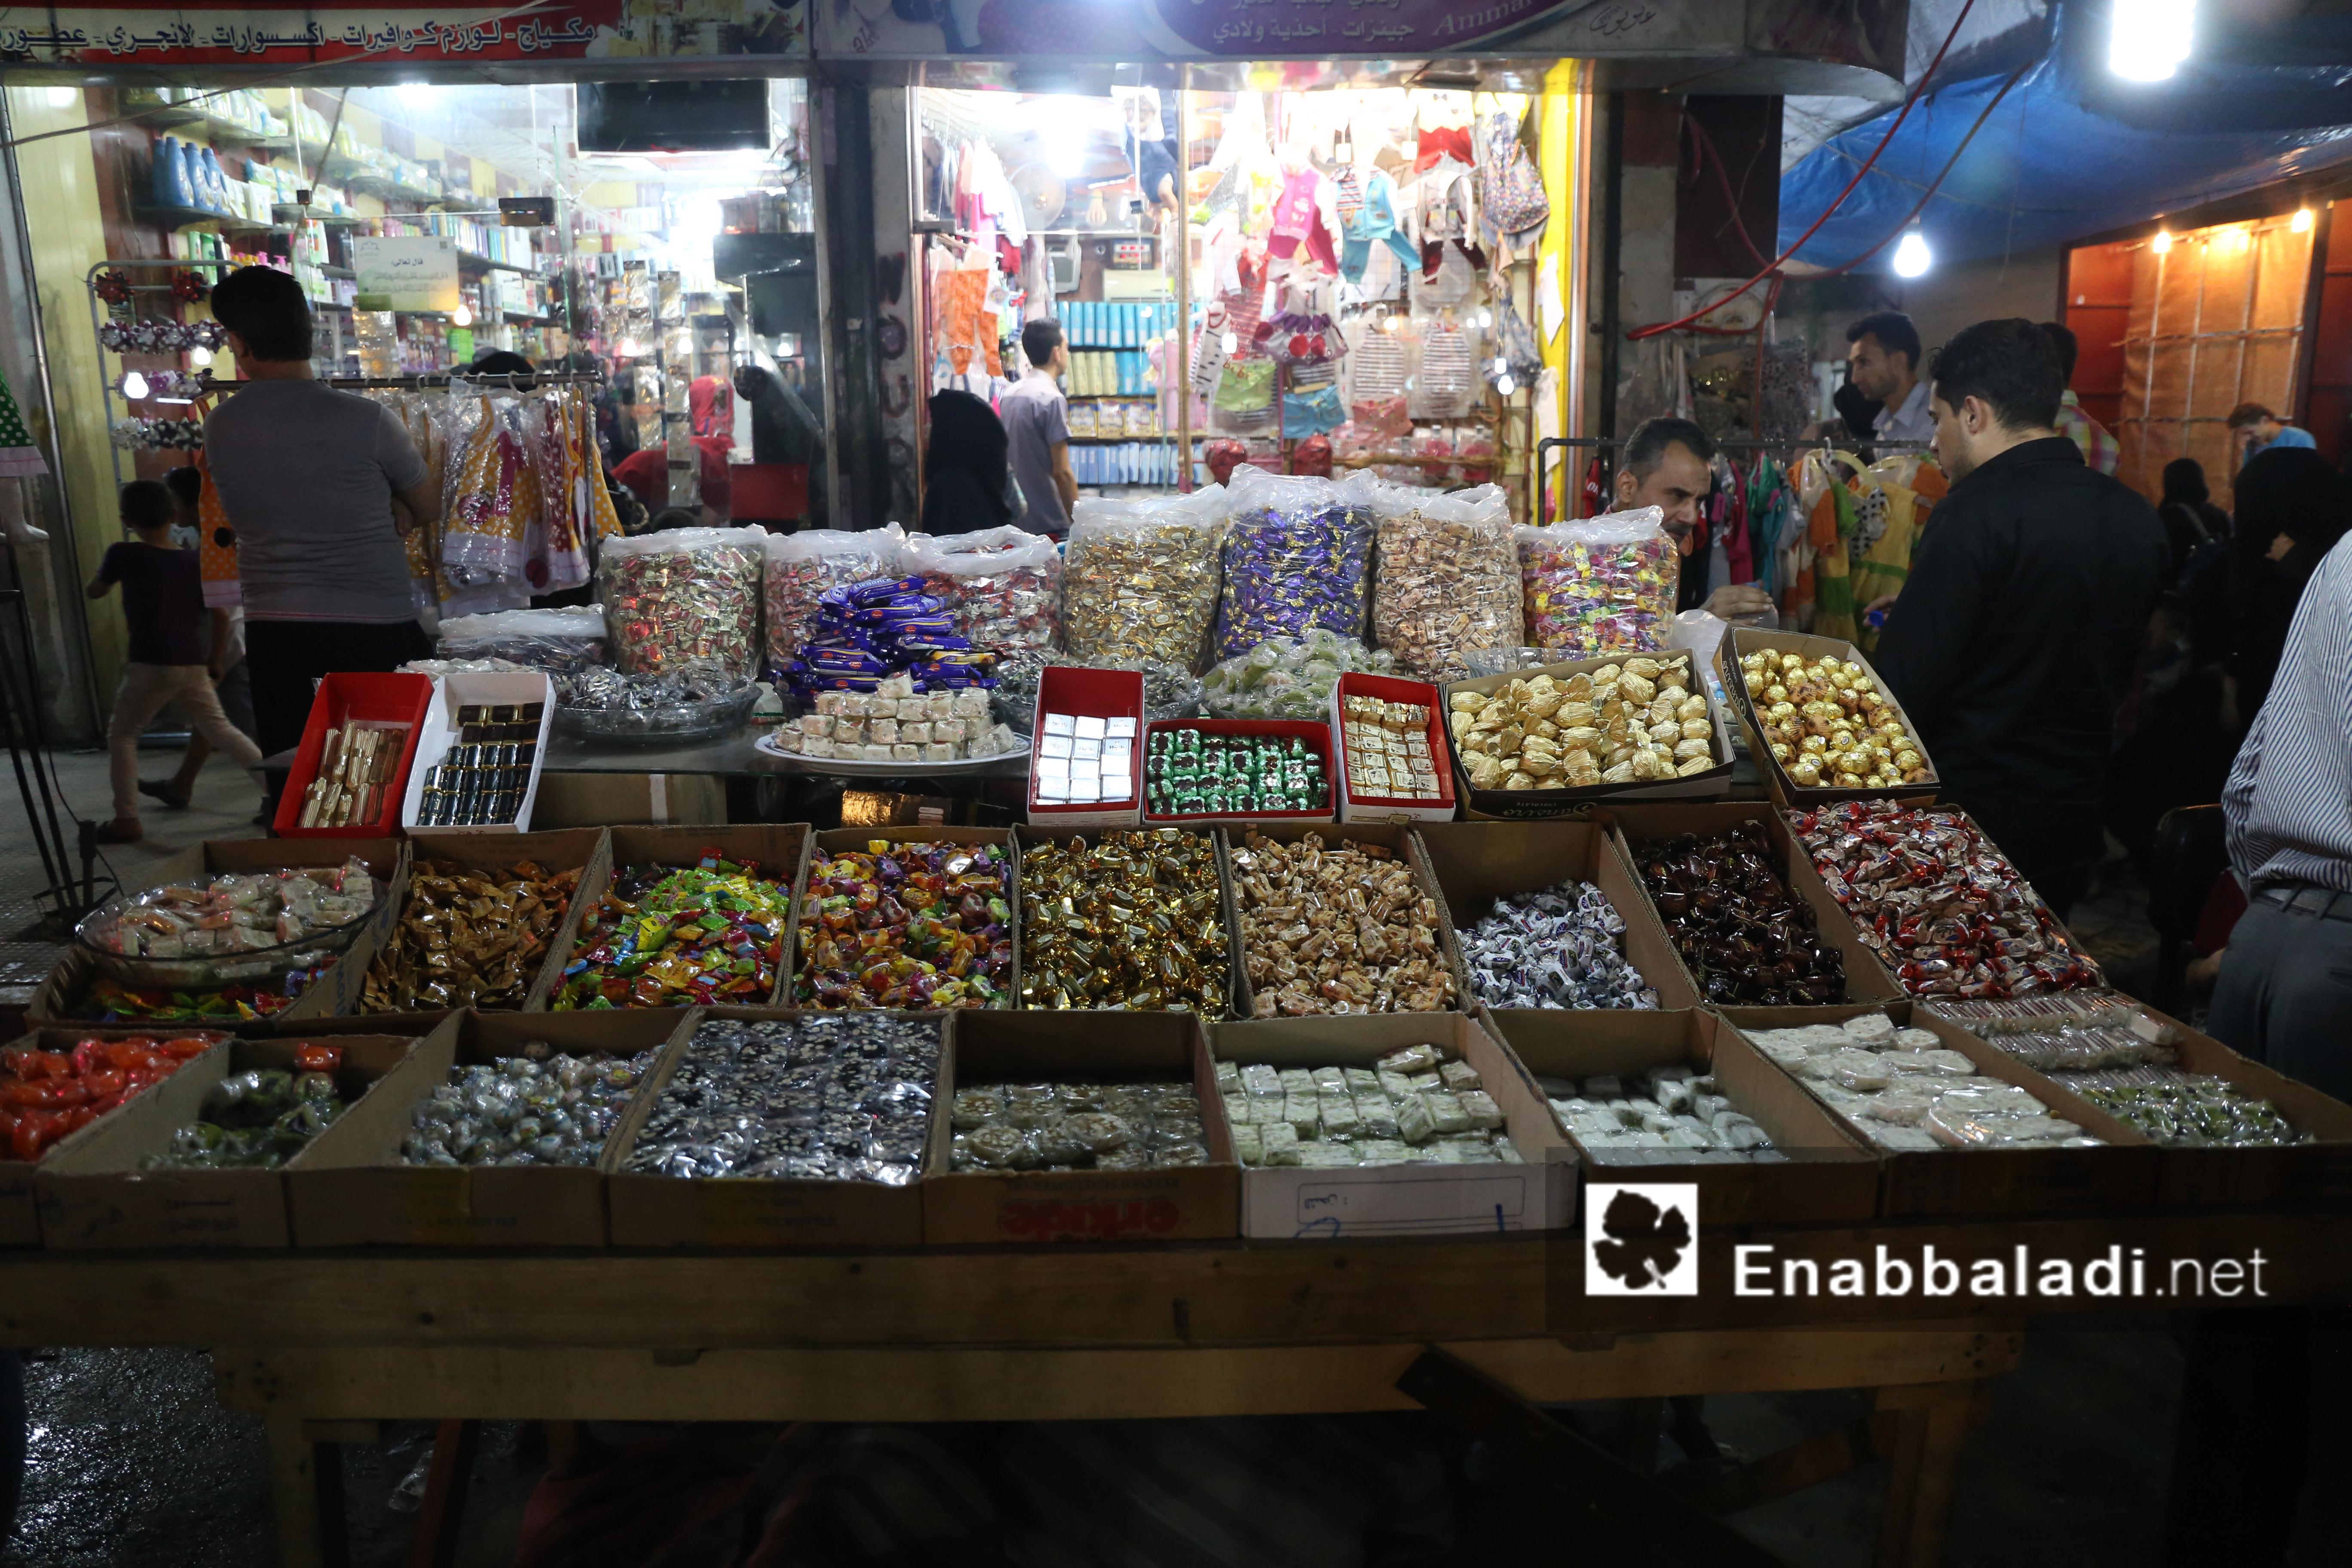 متجر لبيع الحلويات والمكسرات لعيد الفطر - 4 تموز 2016 (عنب بلدي)